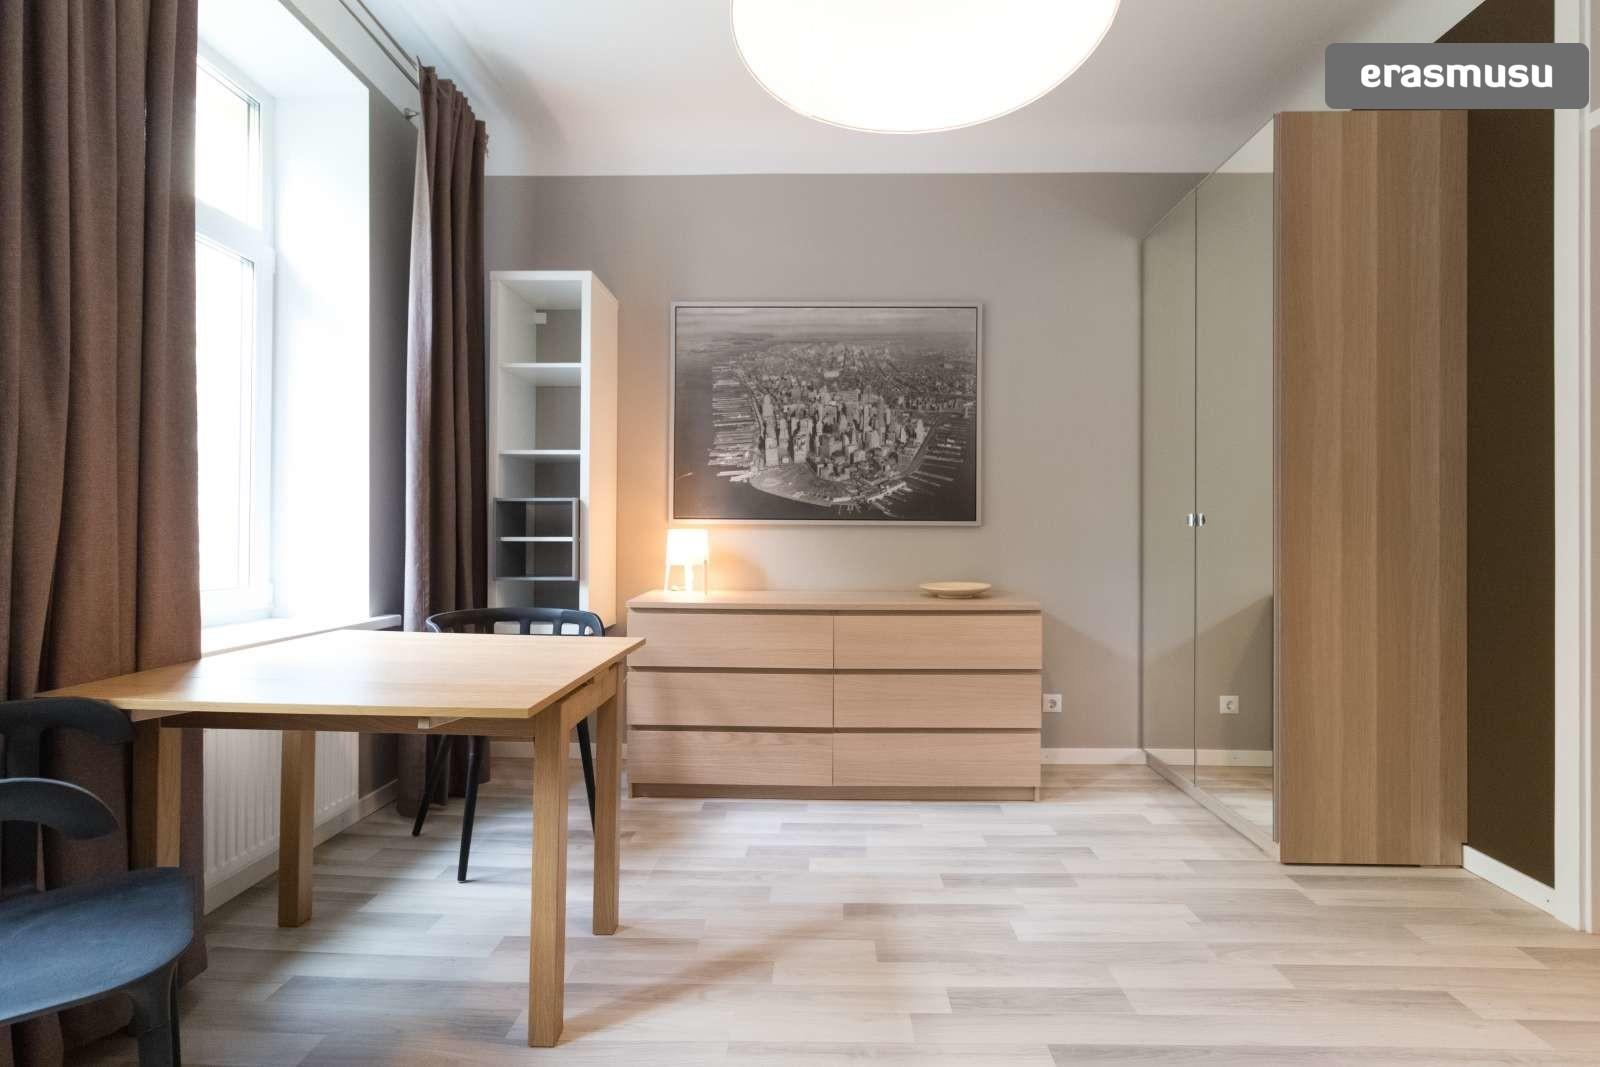 chic-studio-apartment-rent-teika-ac291b35f15751fc2f5463804fe4fcd